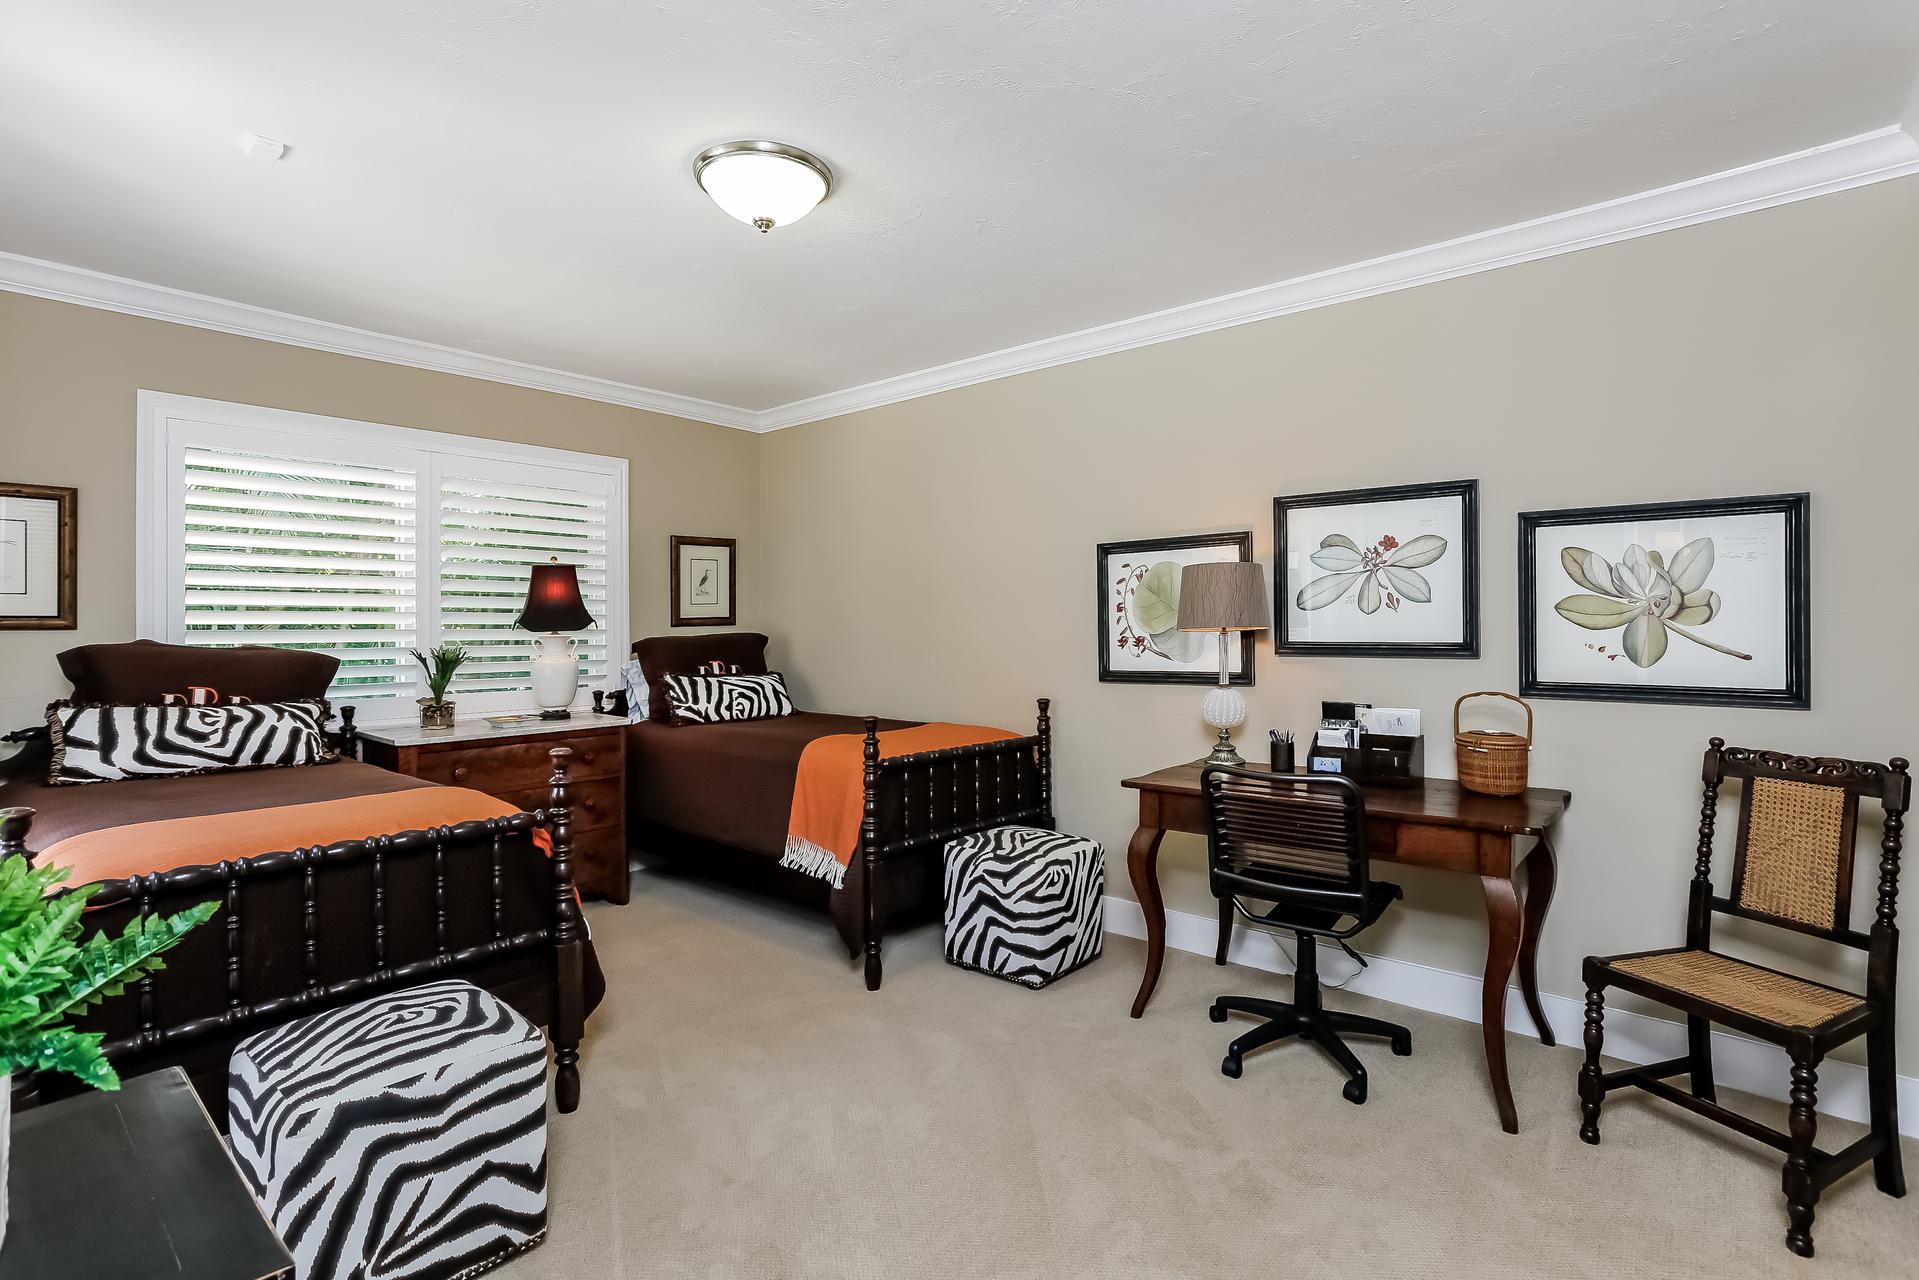 031-Bedroom-2647601-medium.jpg